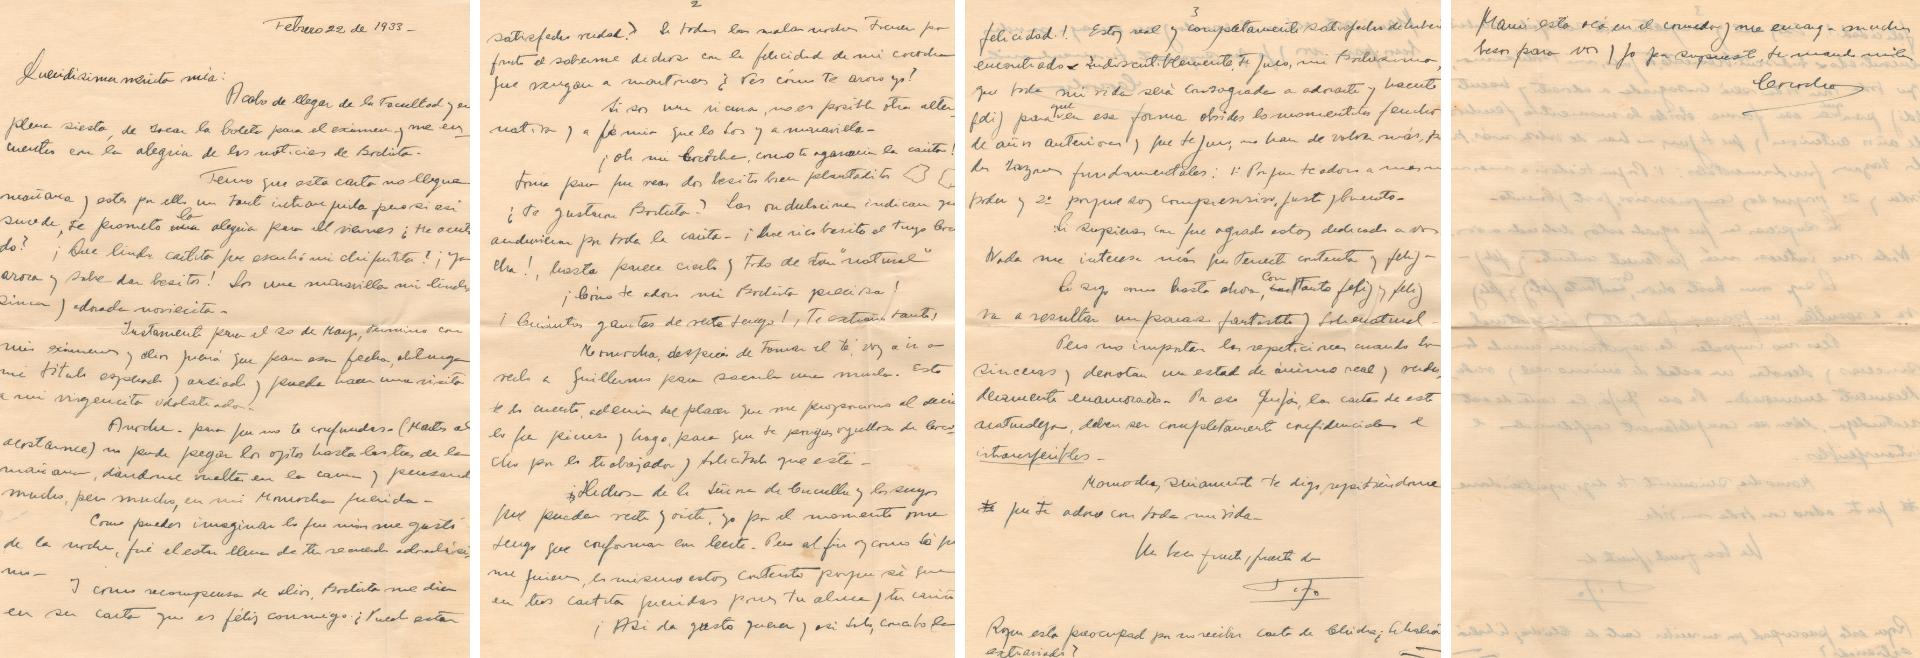 El romance de Tito y Beba, Mardel Plata, años 30